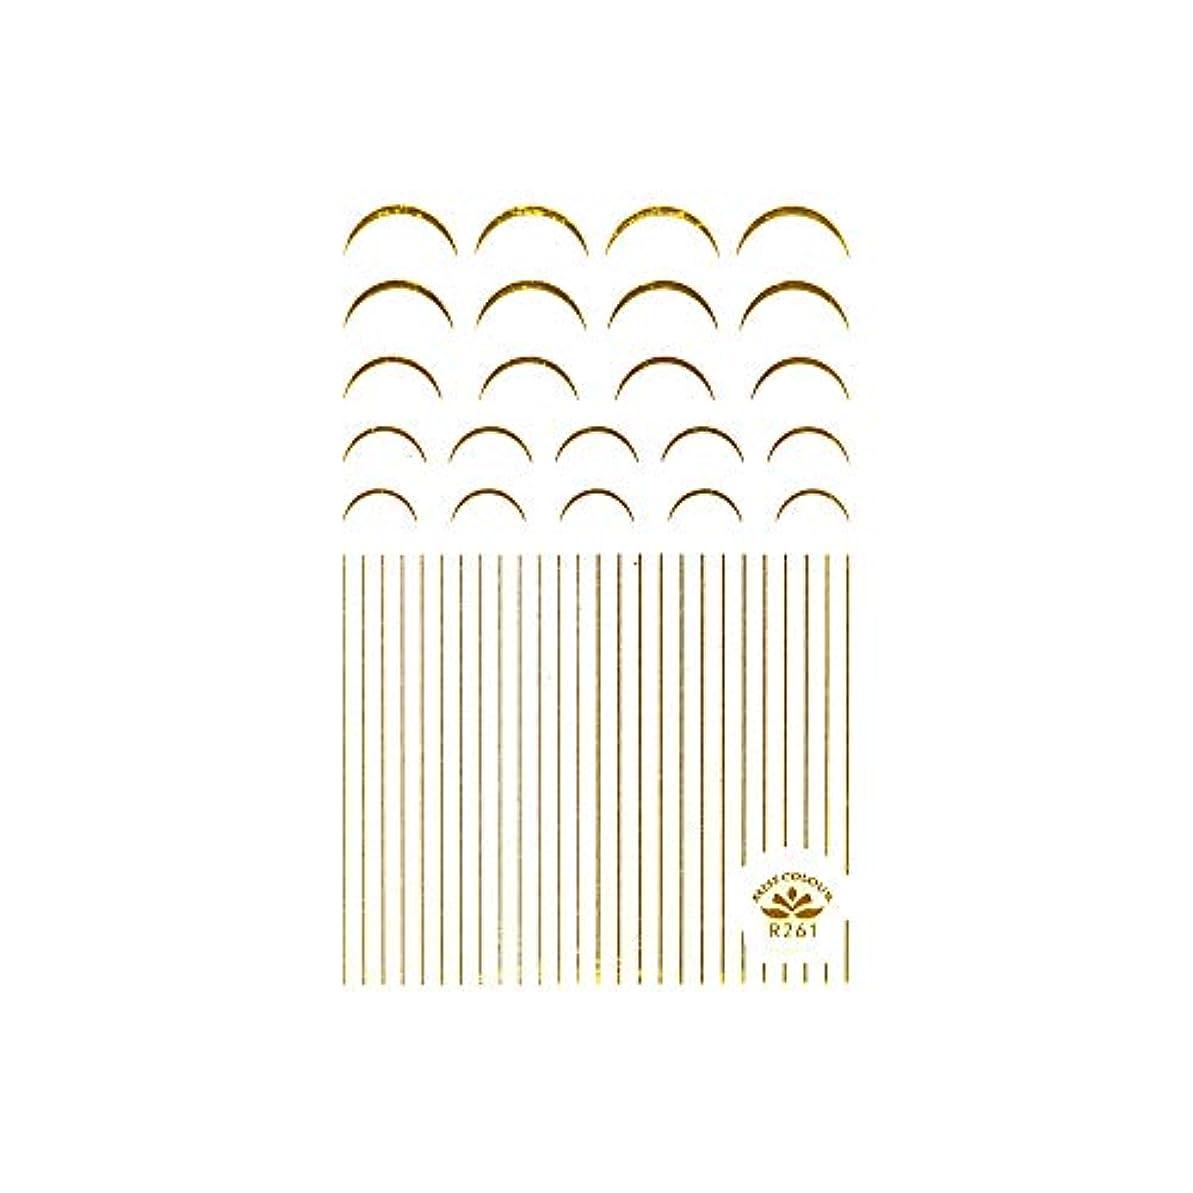 着替える秀でる侵略ネイルシール 極細ライン&フレンチシール ゴールド ネイルシール ライン カーブ ネイルアート